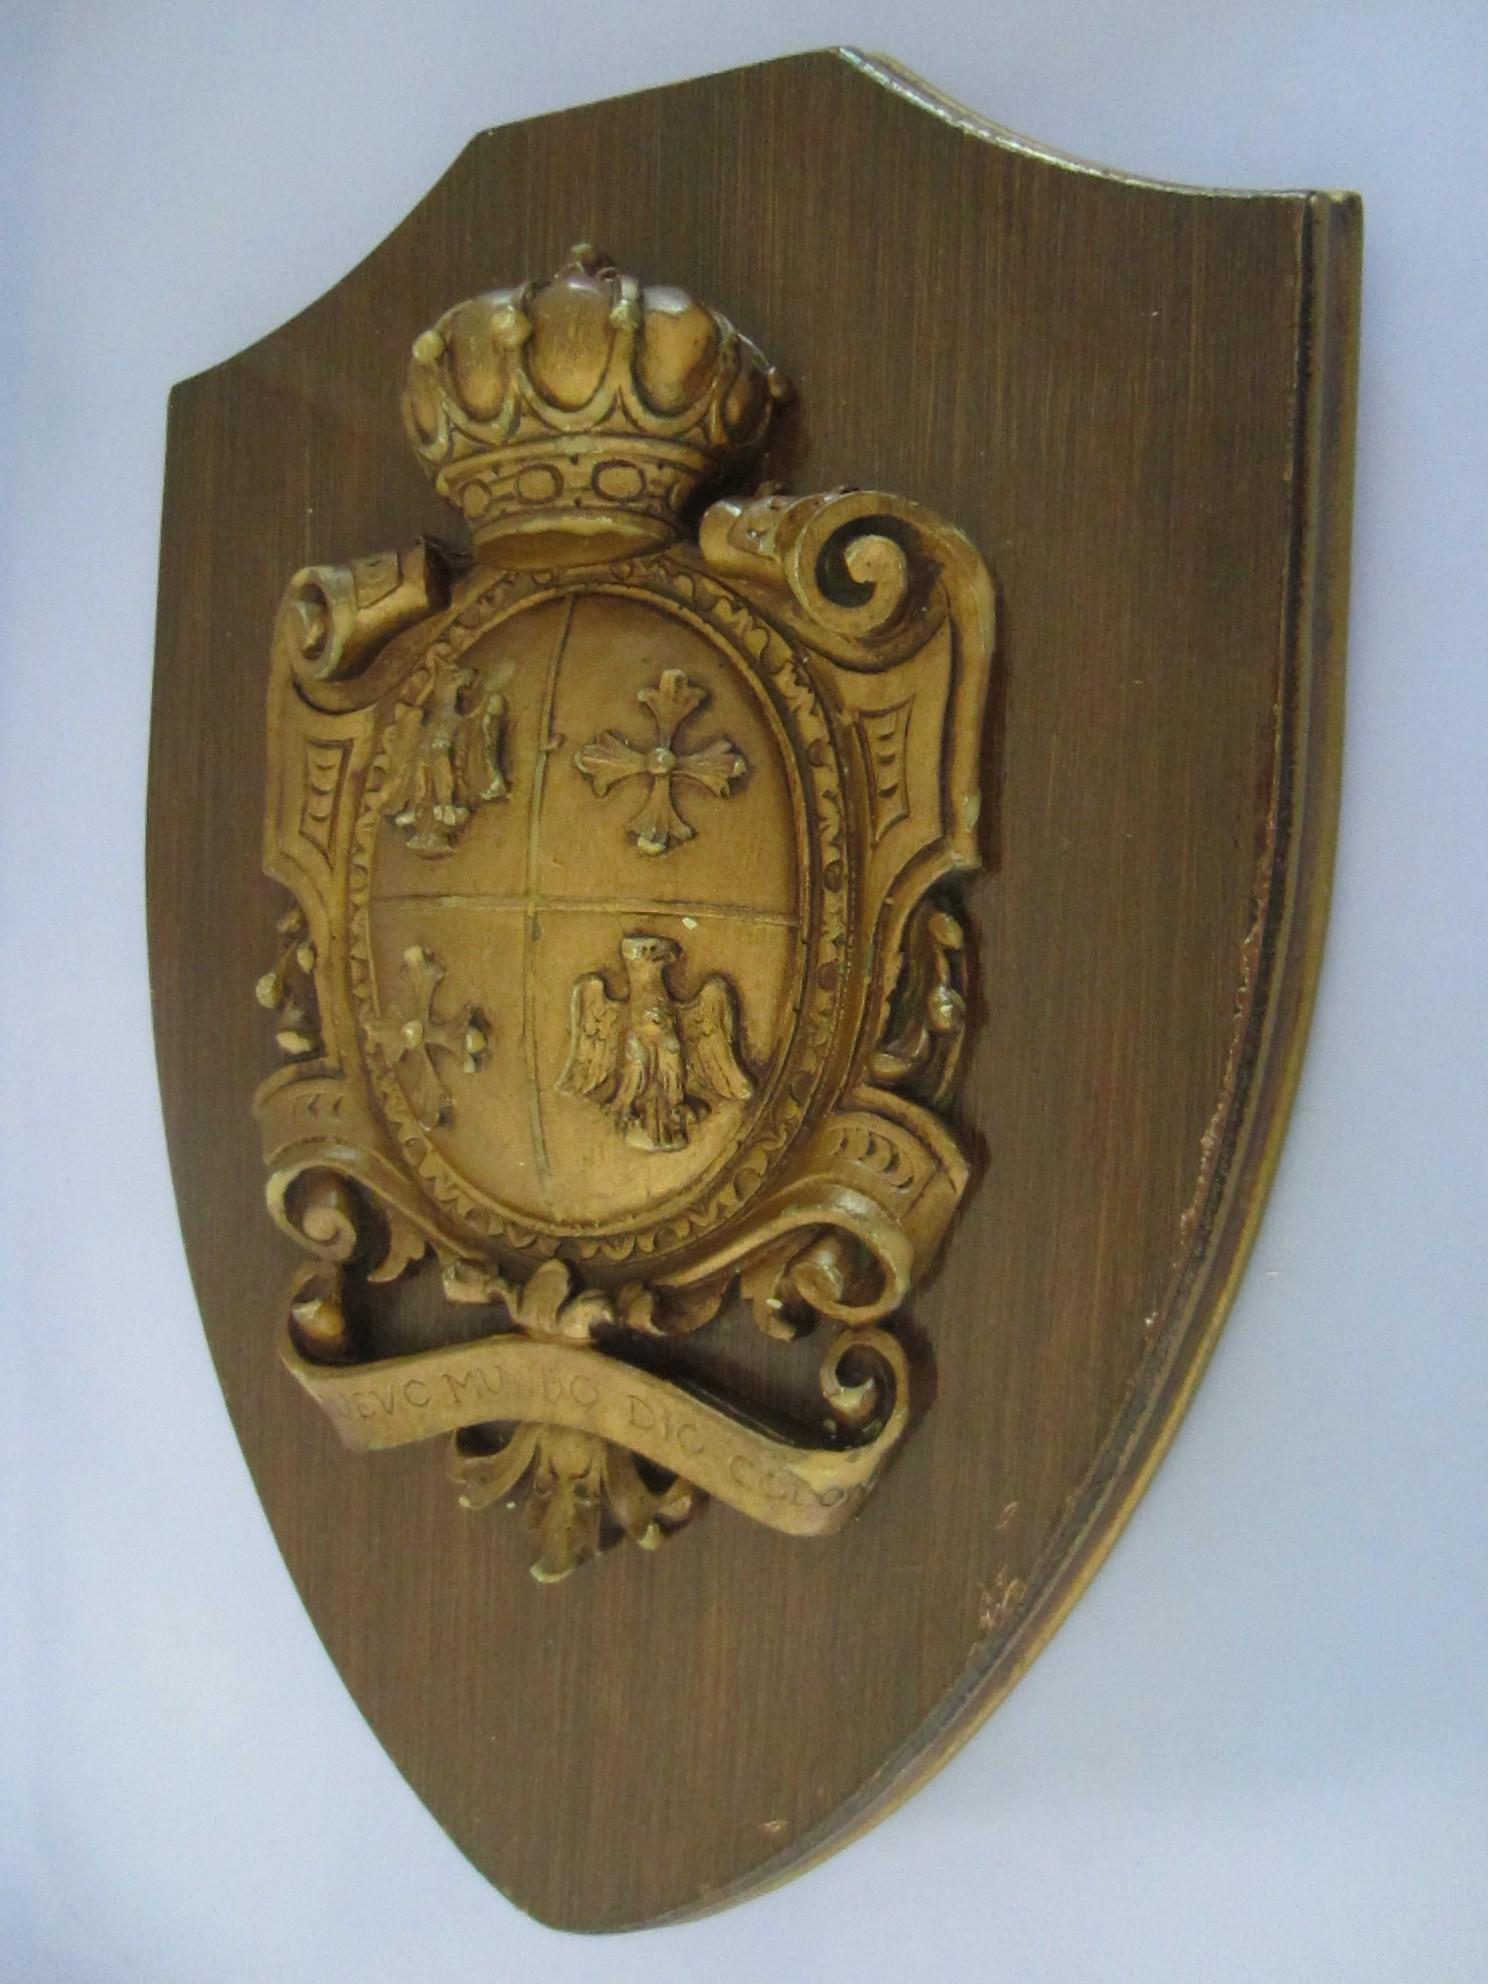 Medieval Wall Plaque Crown Shield Coat Of Arm Nuevo Mundo